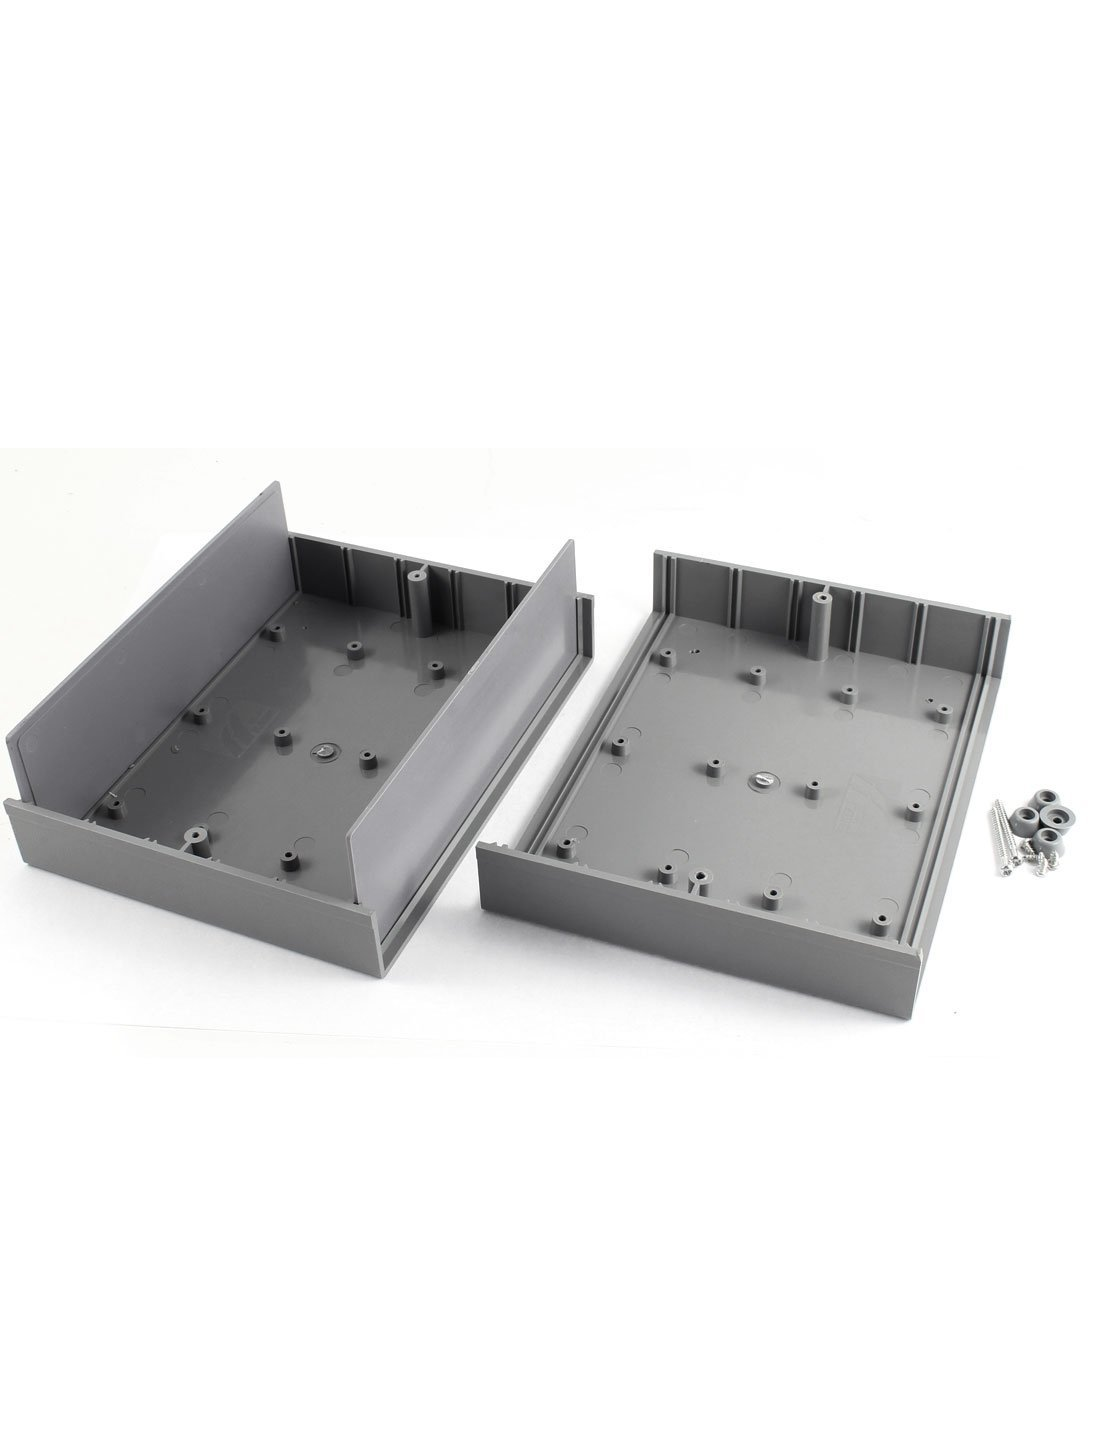 Plástico Projeto junção Invólucro Caso Box 7, 48 x 5, 91 x 2, 52 polegadas - - Amazon.com